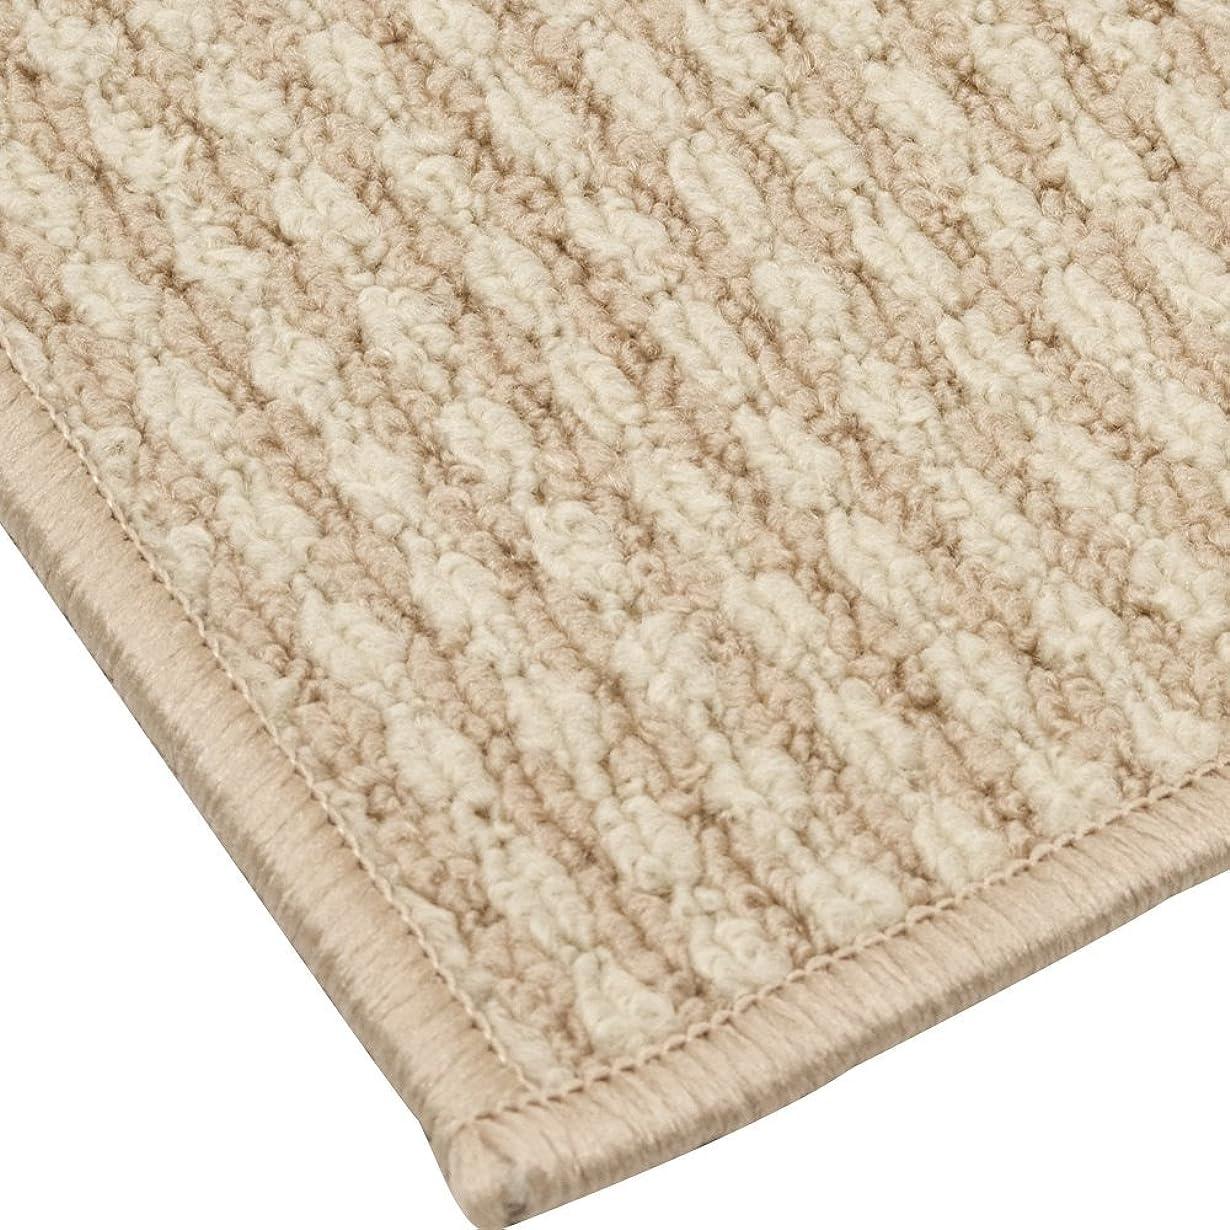 読者ギャップ襟Arie(アーリエ) 折りたたみカーペット リップル 191x191cm(本間2帖) アイボリー